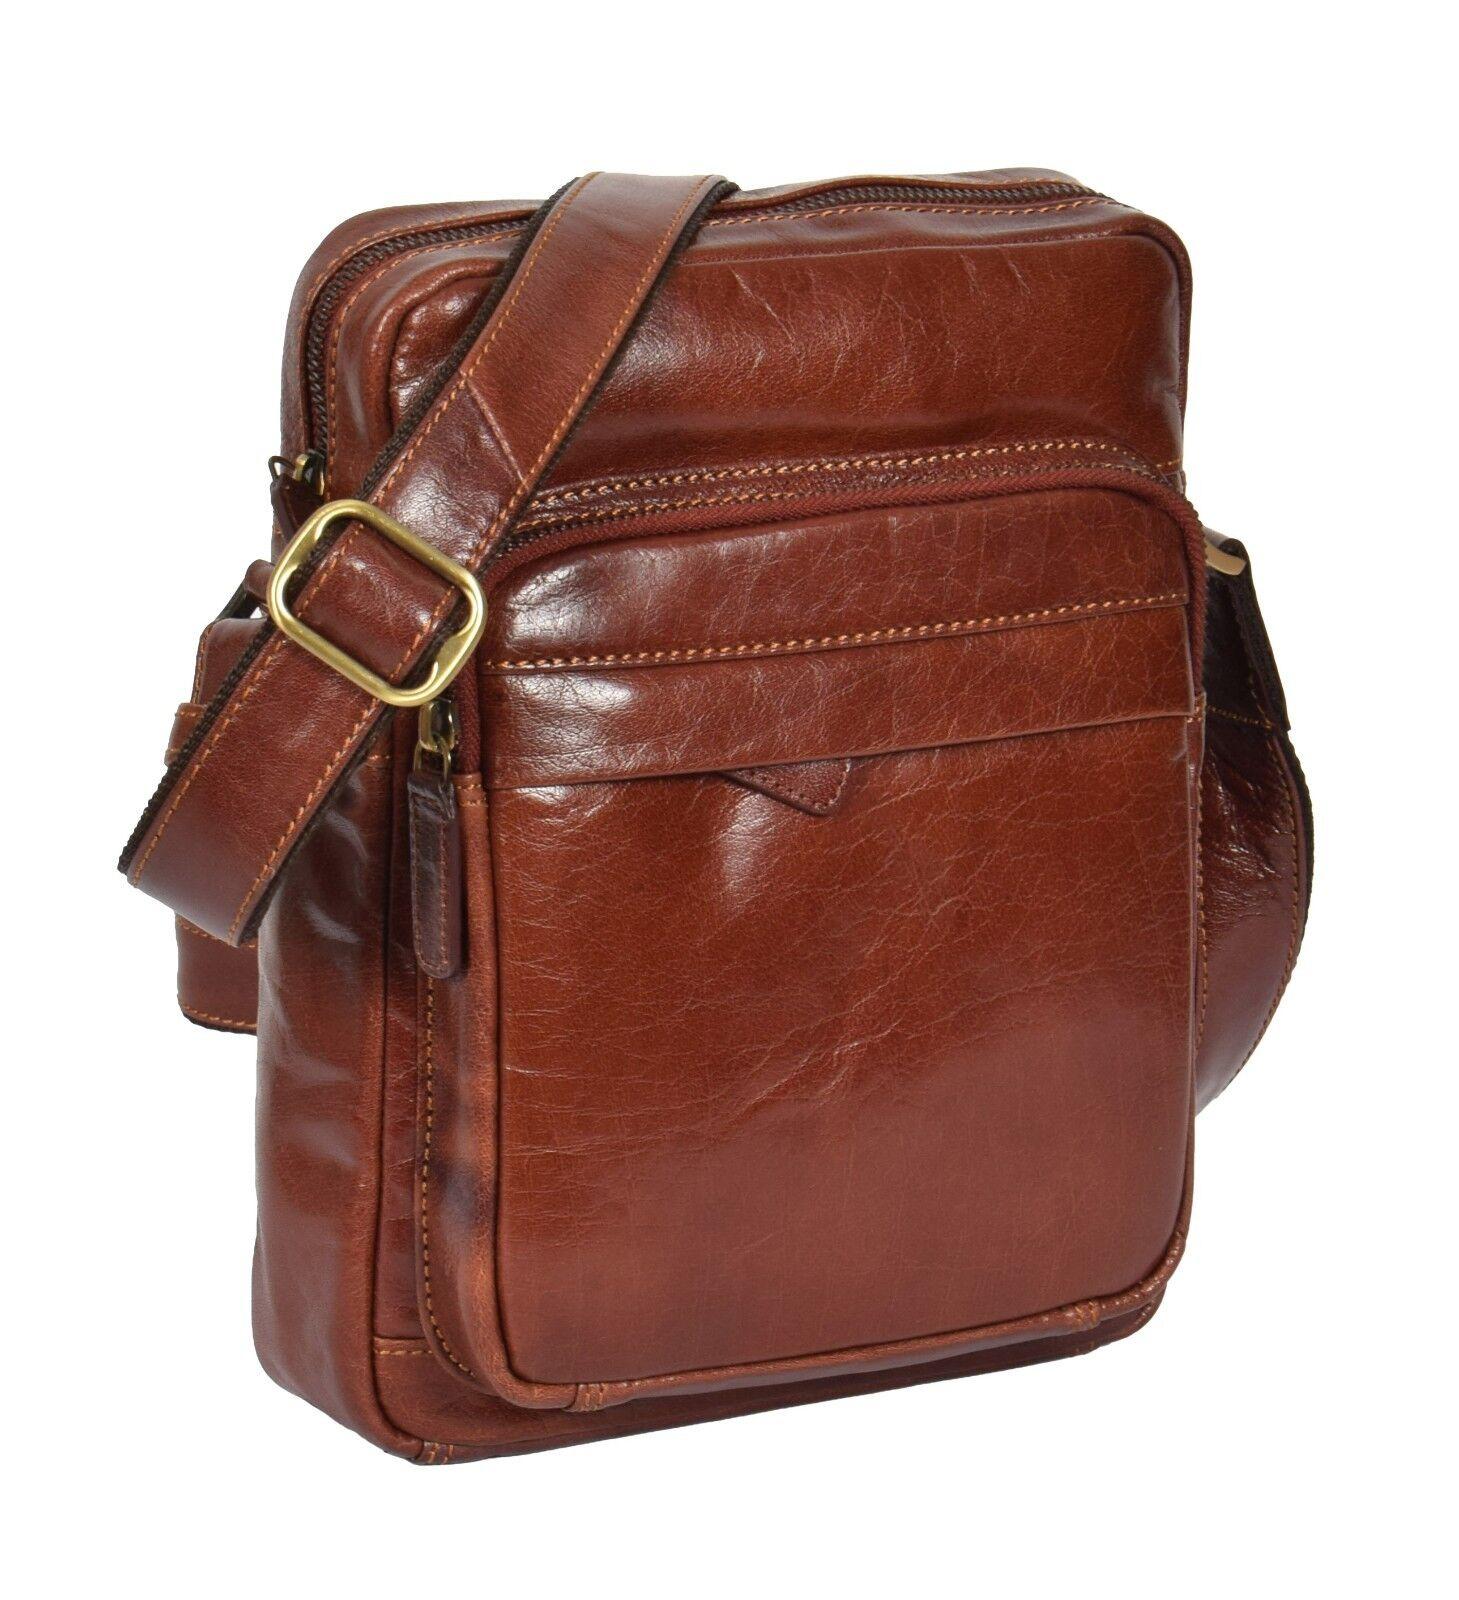 Mens Messenger Messenger Messenger High Quality Leather Bag Cognac iPad Travel Casual Flight Bag NEW     | Zu verkaufen  a86909